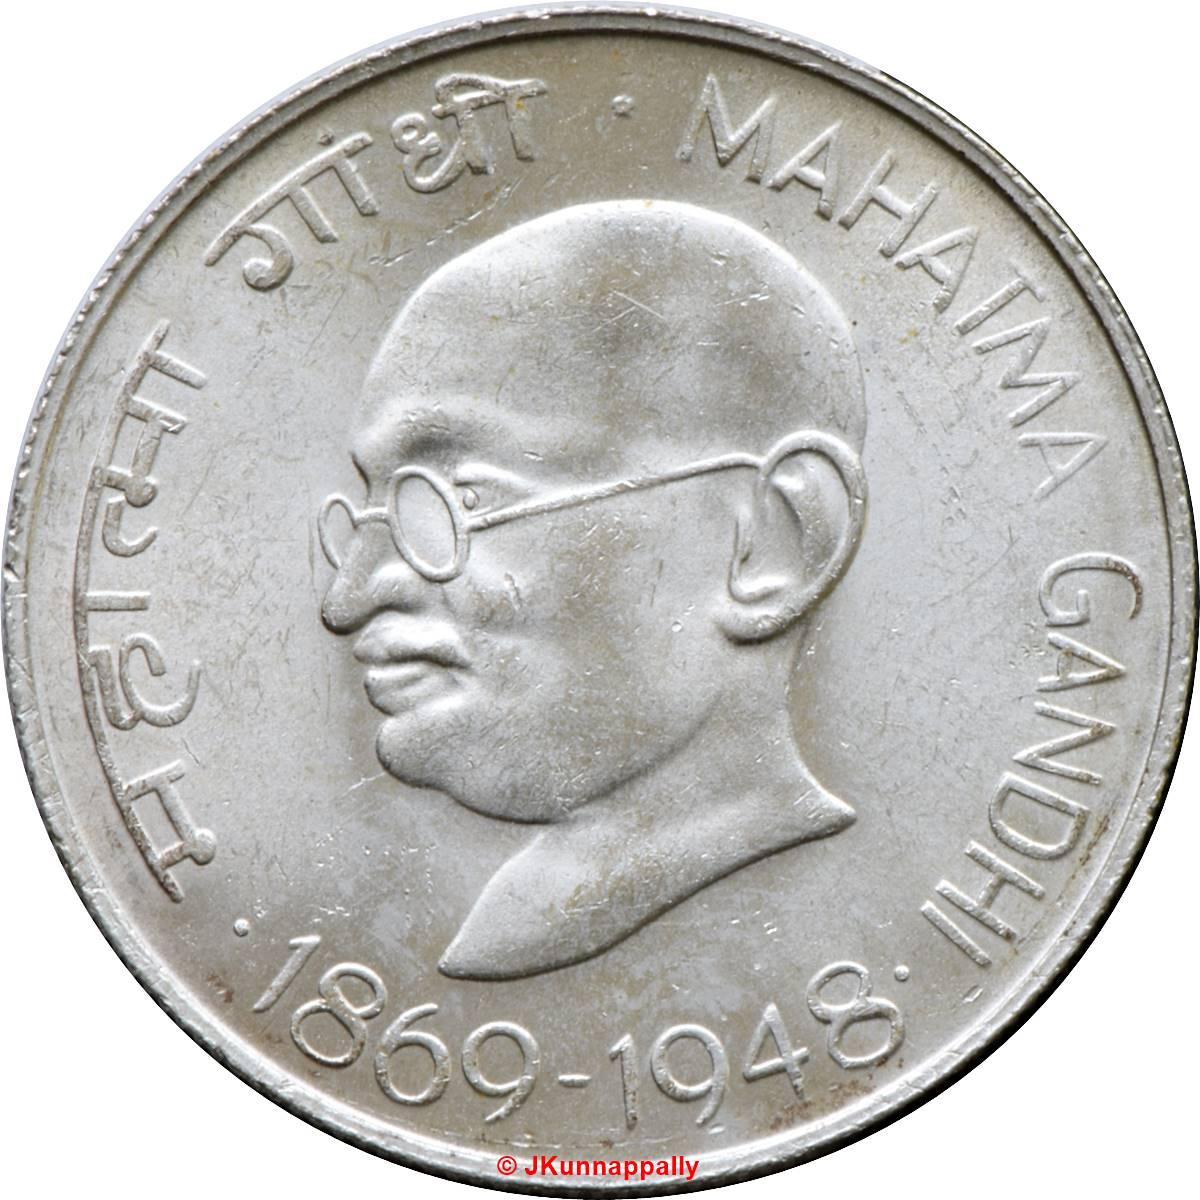 10 Rupees (Mahatma Gandhi) - India – Numista